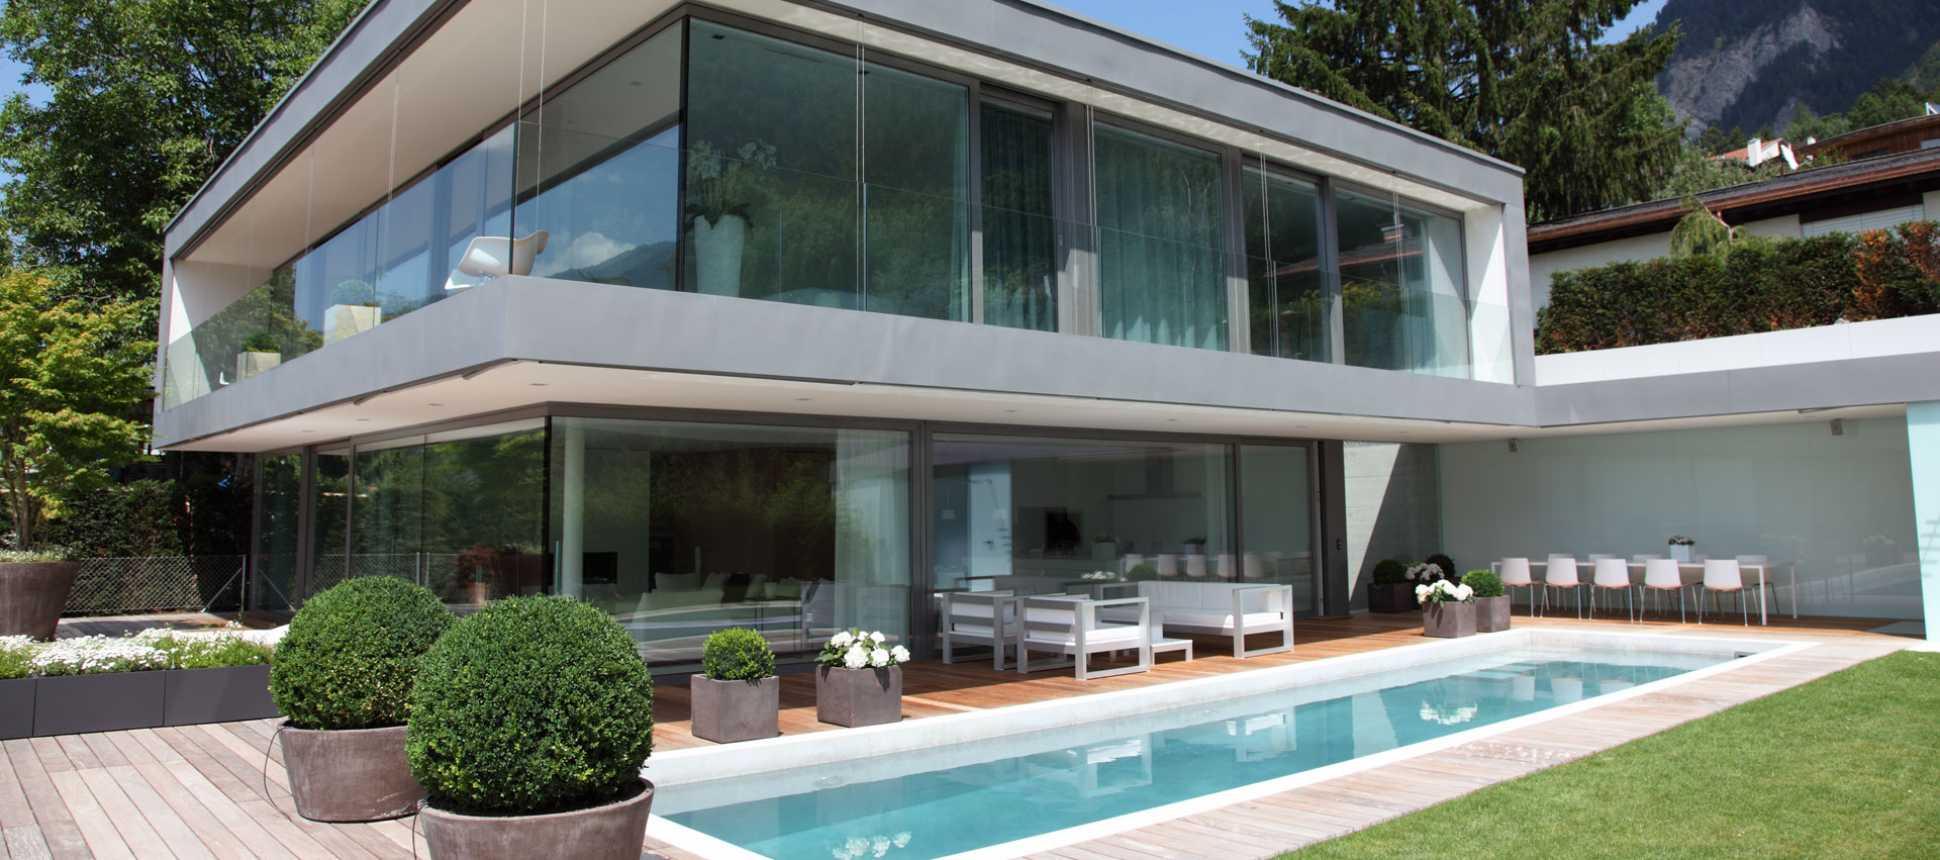 das einfamilienhaus ac schwimmbadtechnik. Black Bedroom Furniture Sets. Home Design Ideas